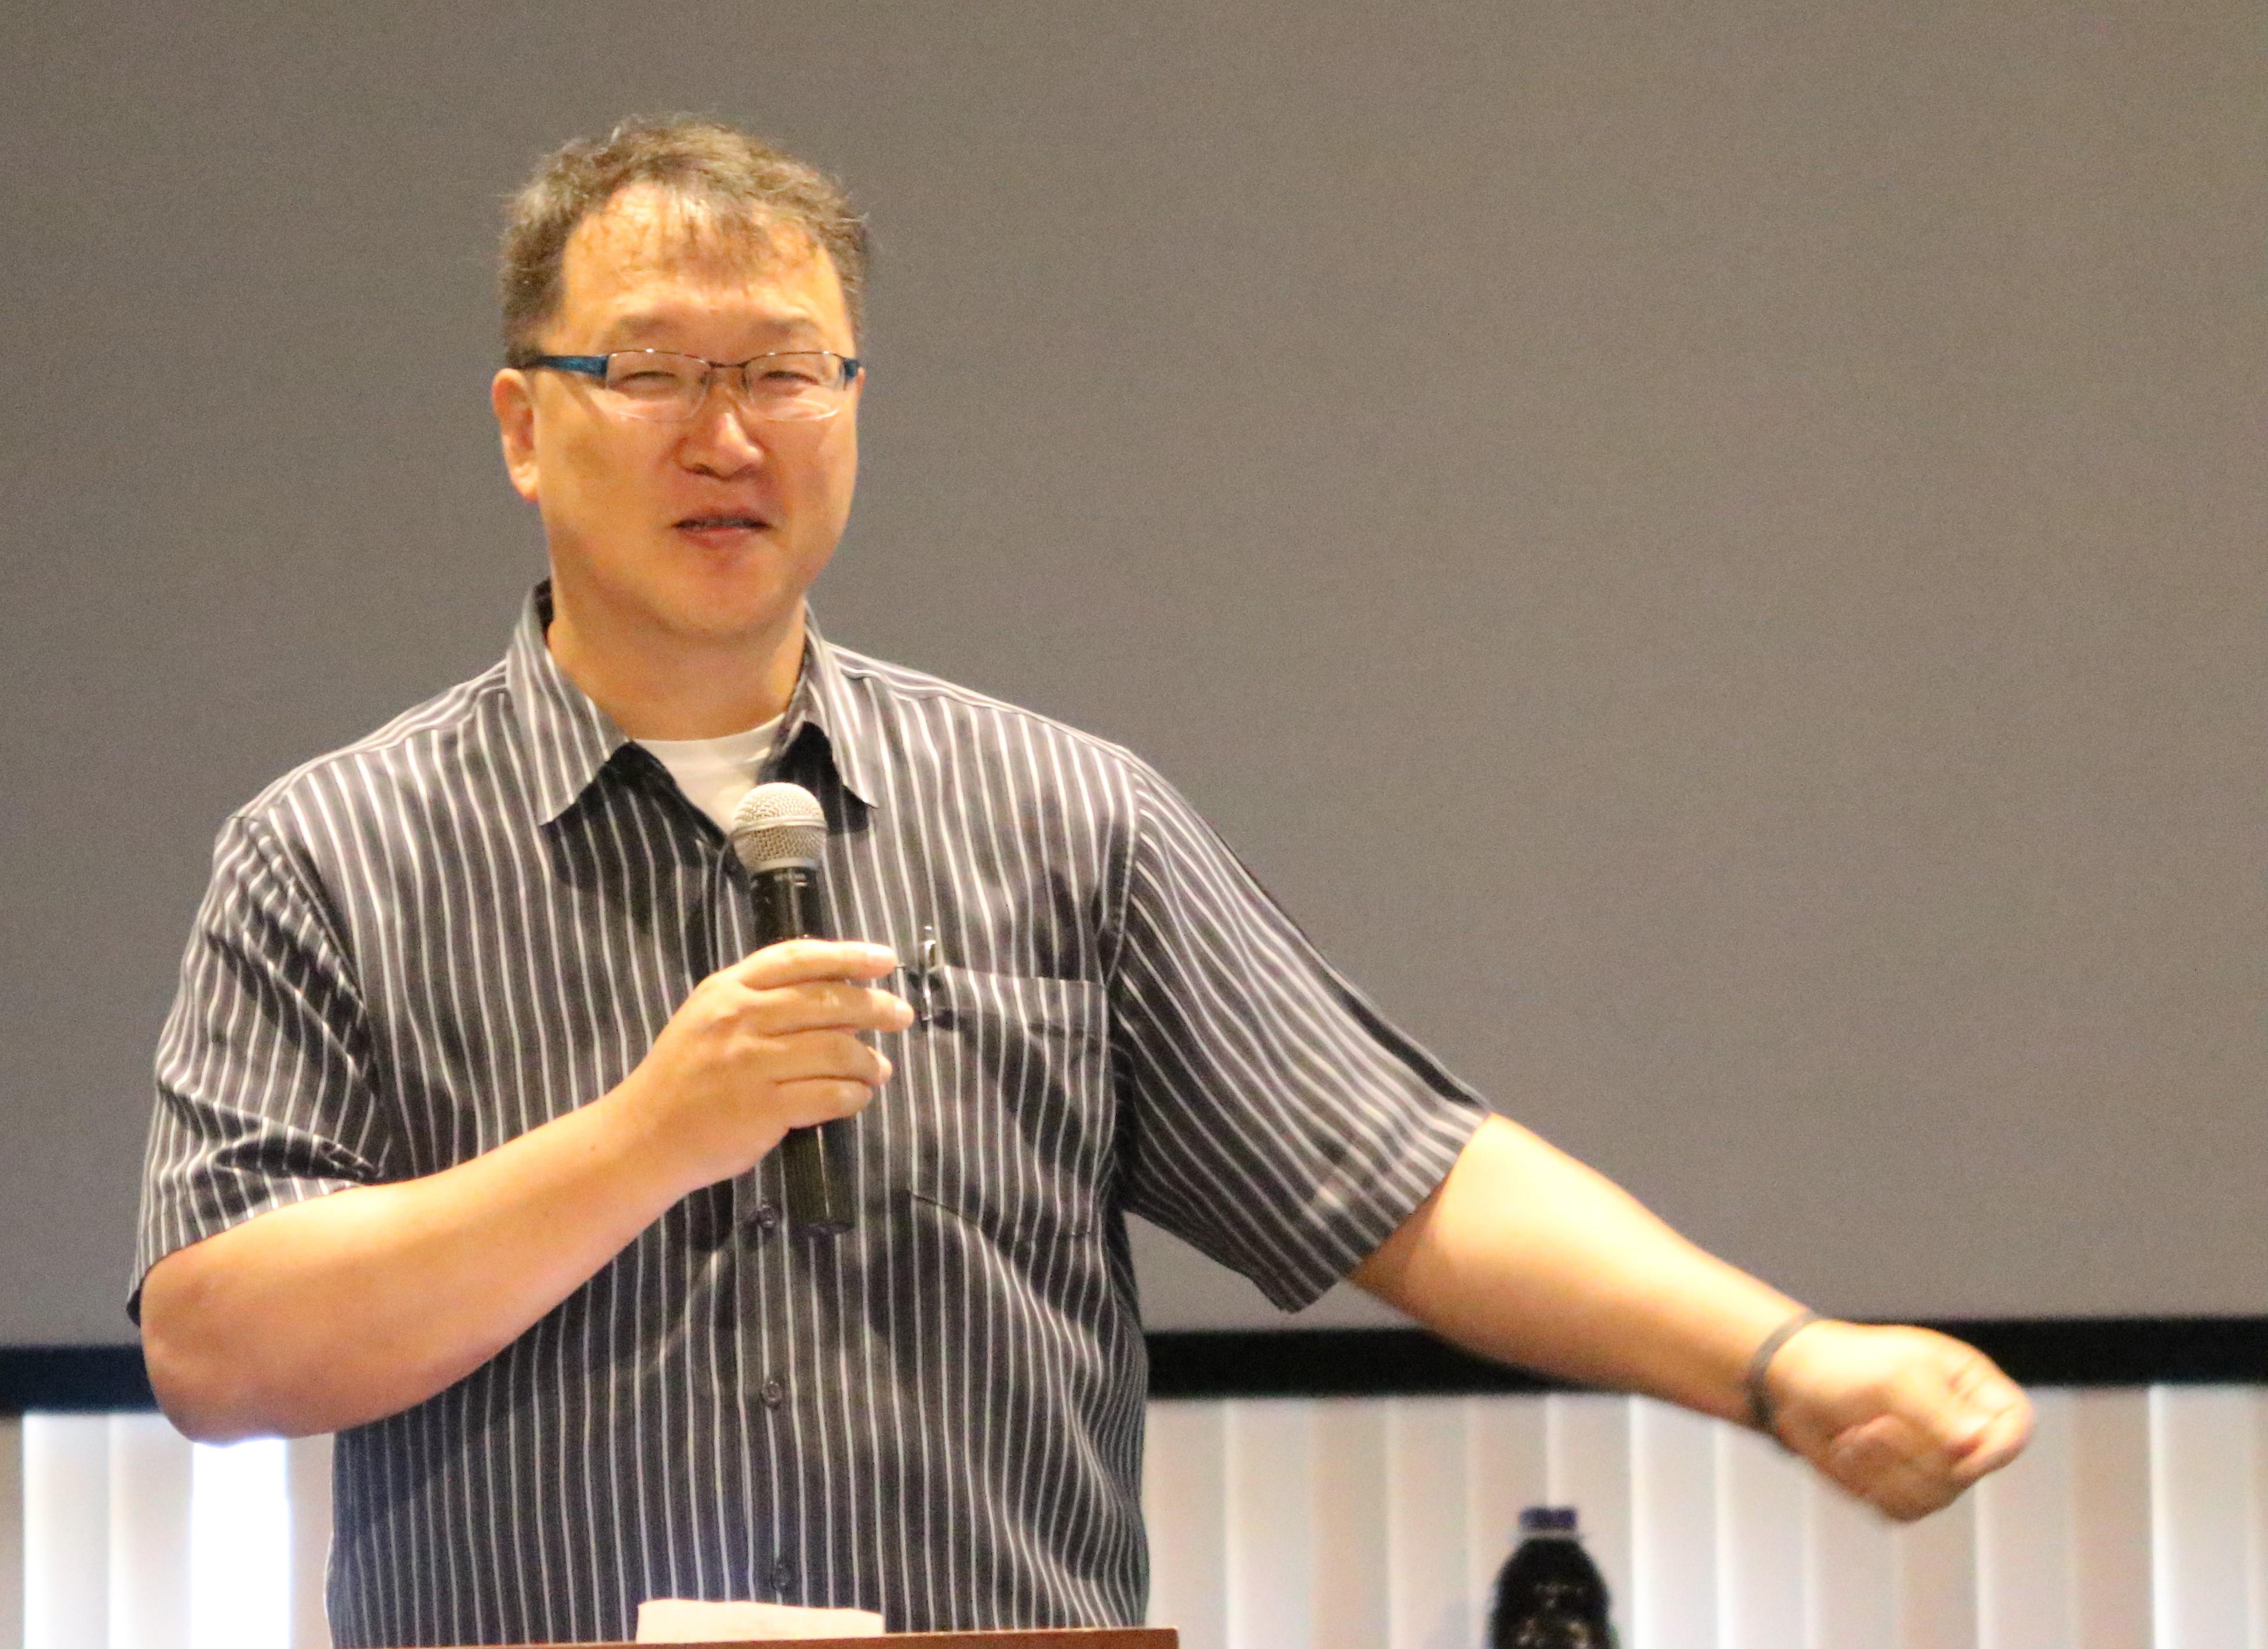 도상원 목사가 2018년 7월 시카고에서 열린 한인총회 중앙위원회와 대안위원회 연석회의에서 말씀을 전하고 있다. 사진 김응선 목사, UMNS.